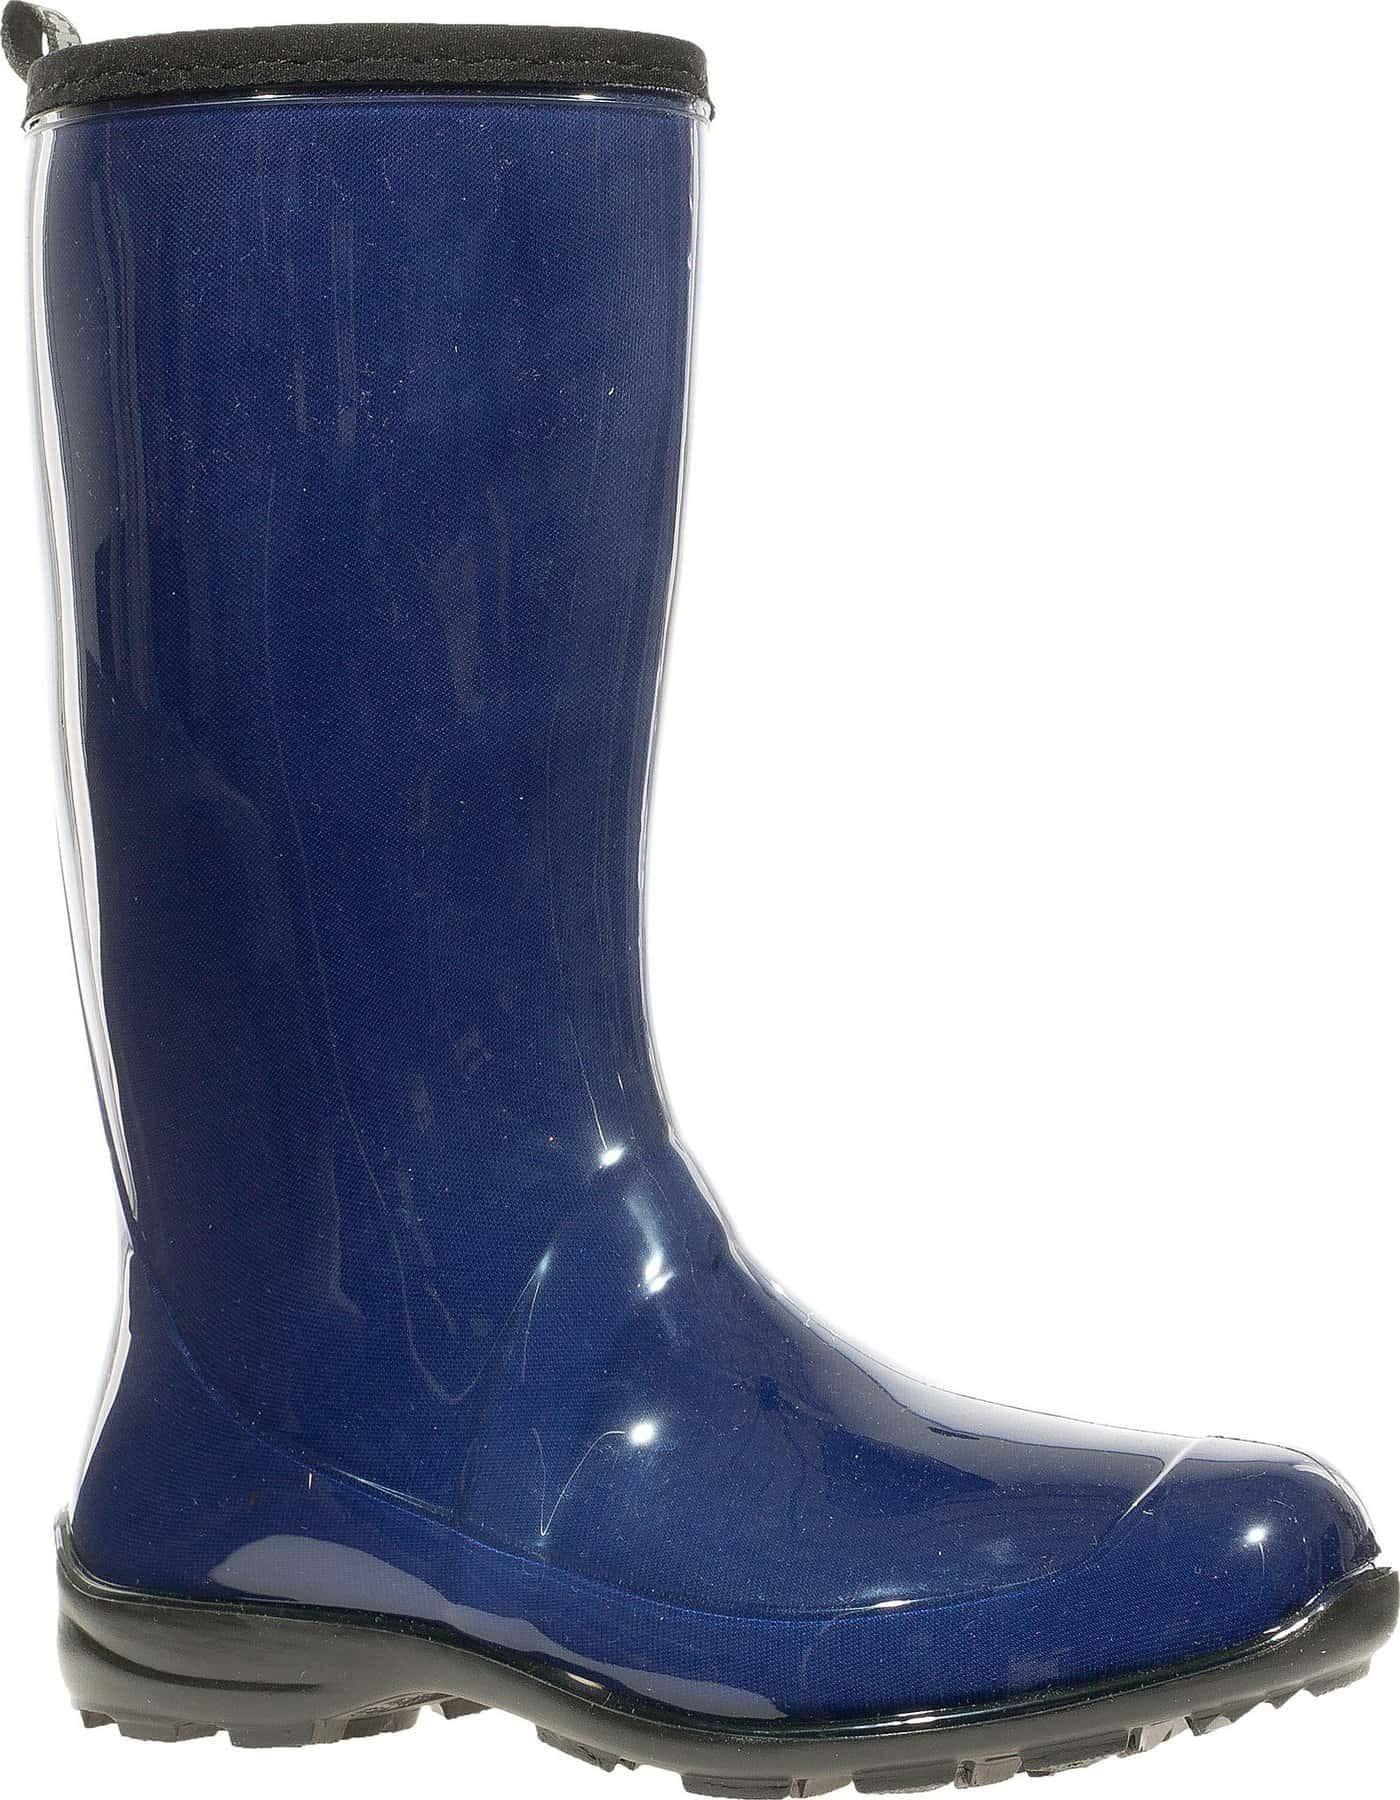 Heidi Rain Boots - Kamik